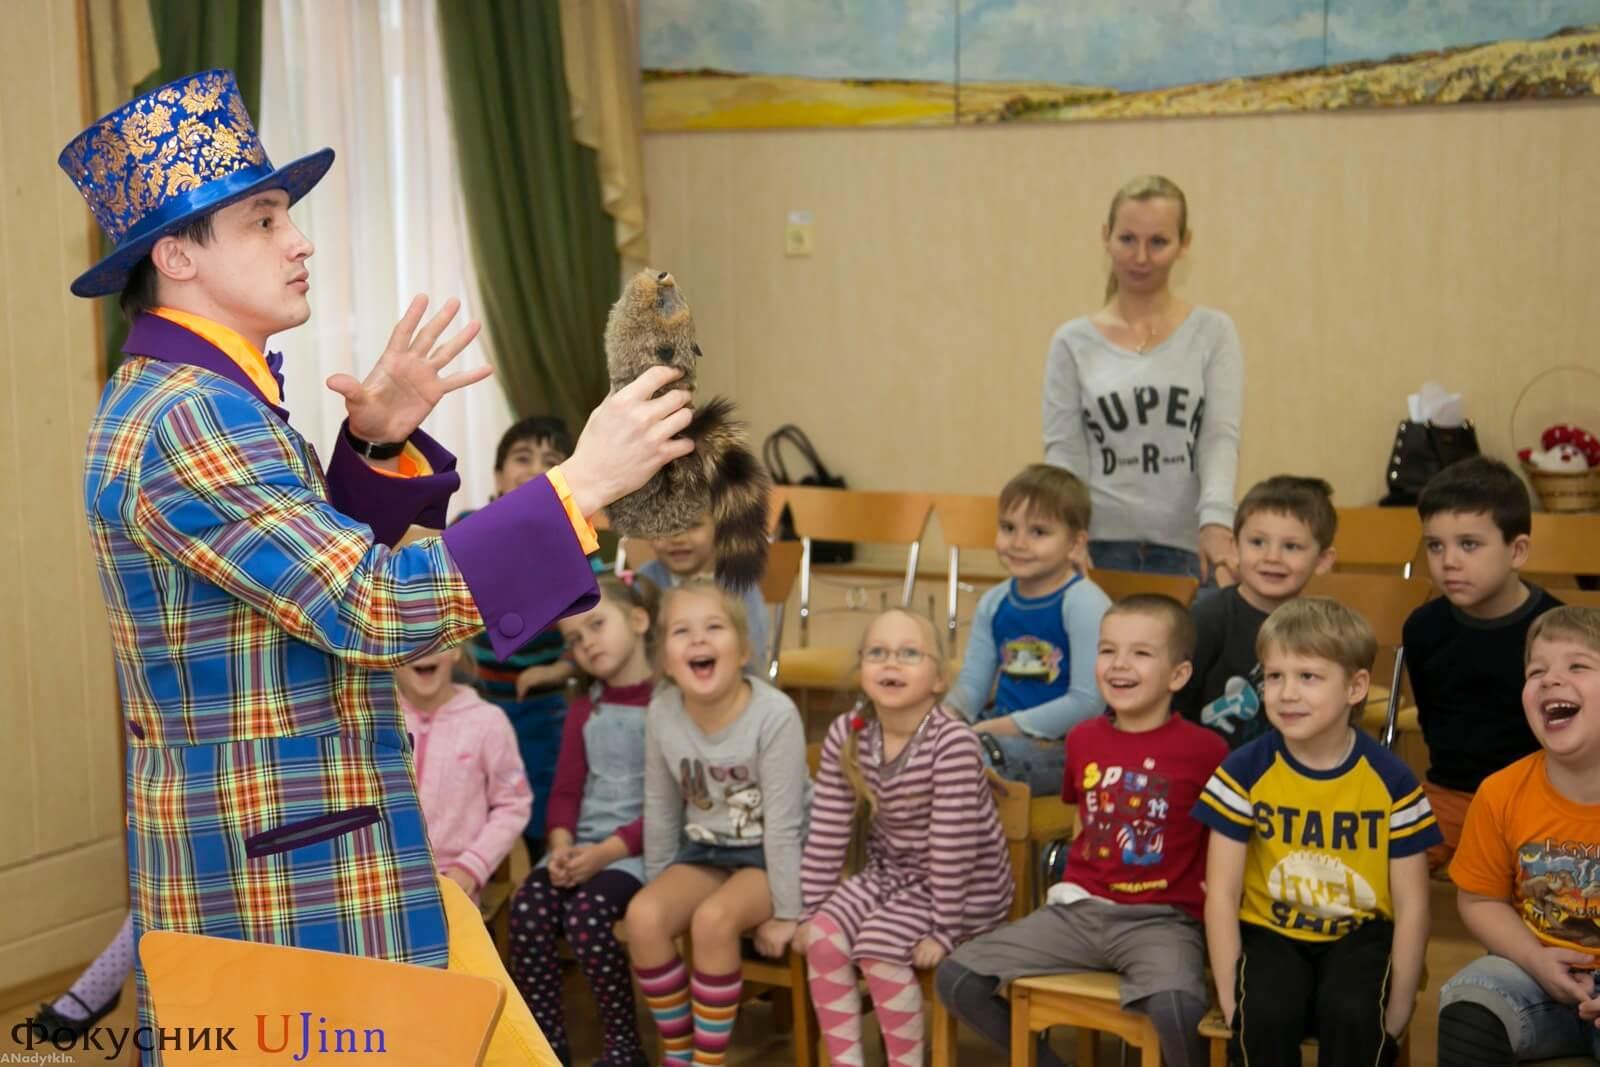 Фокусник Юджинн в детском саду 1